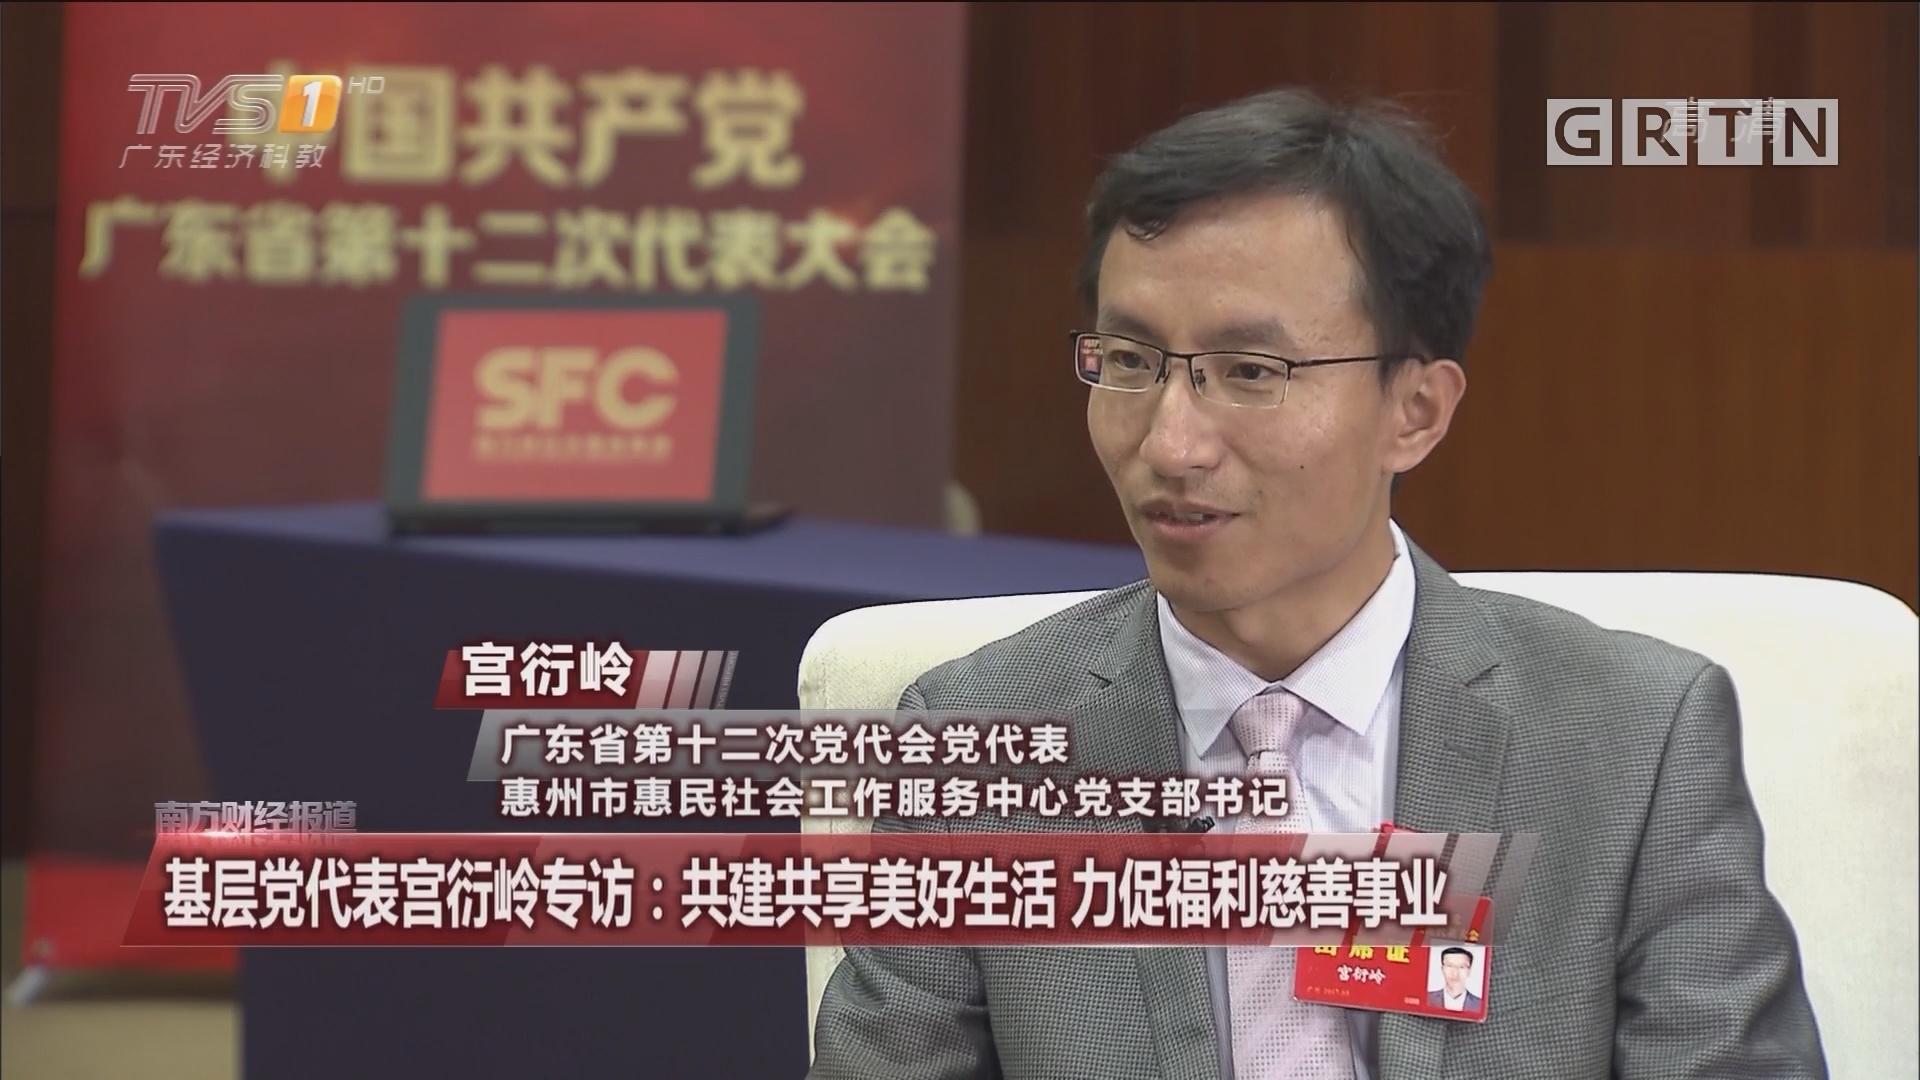 基层党代表宫衍岭专访:共建共享美好生活 力促福利慈善事业